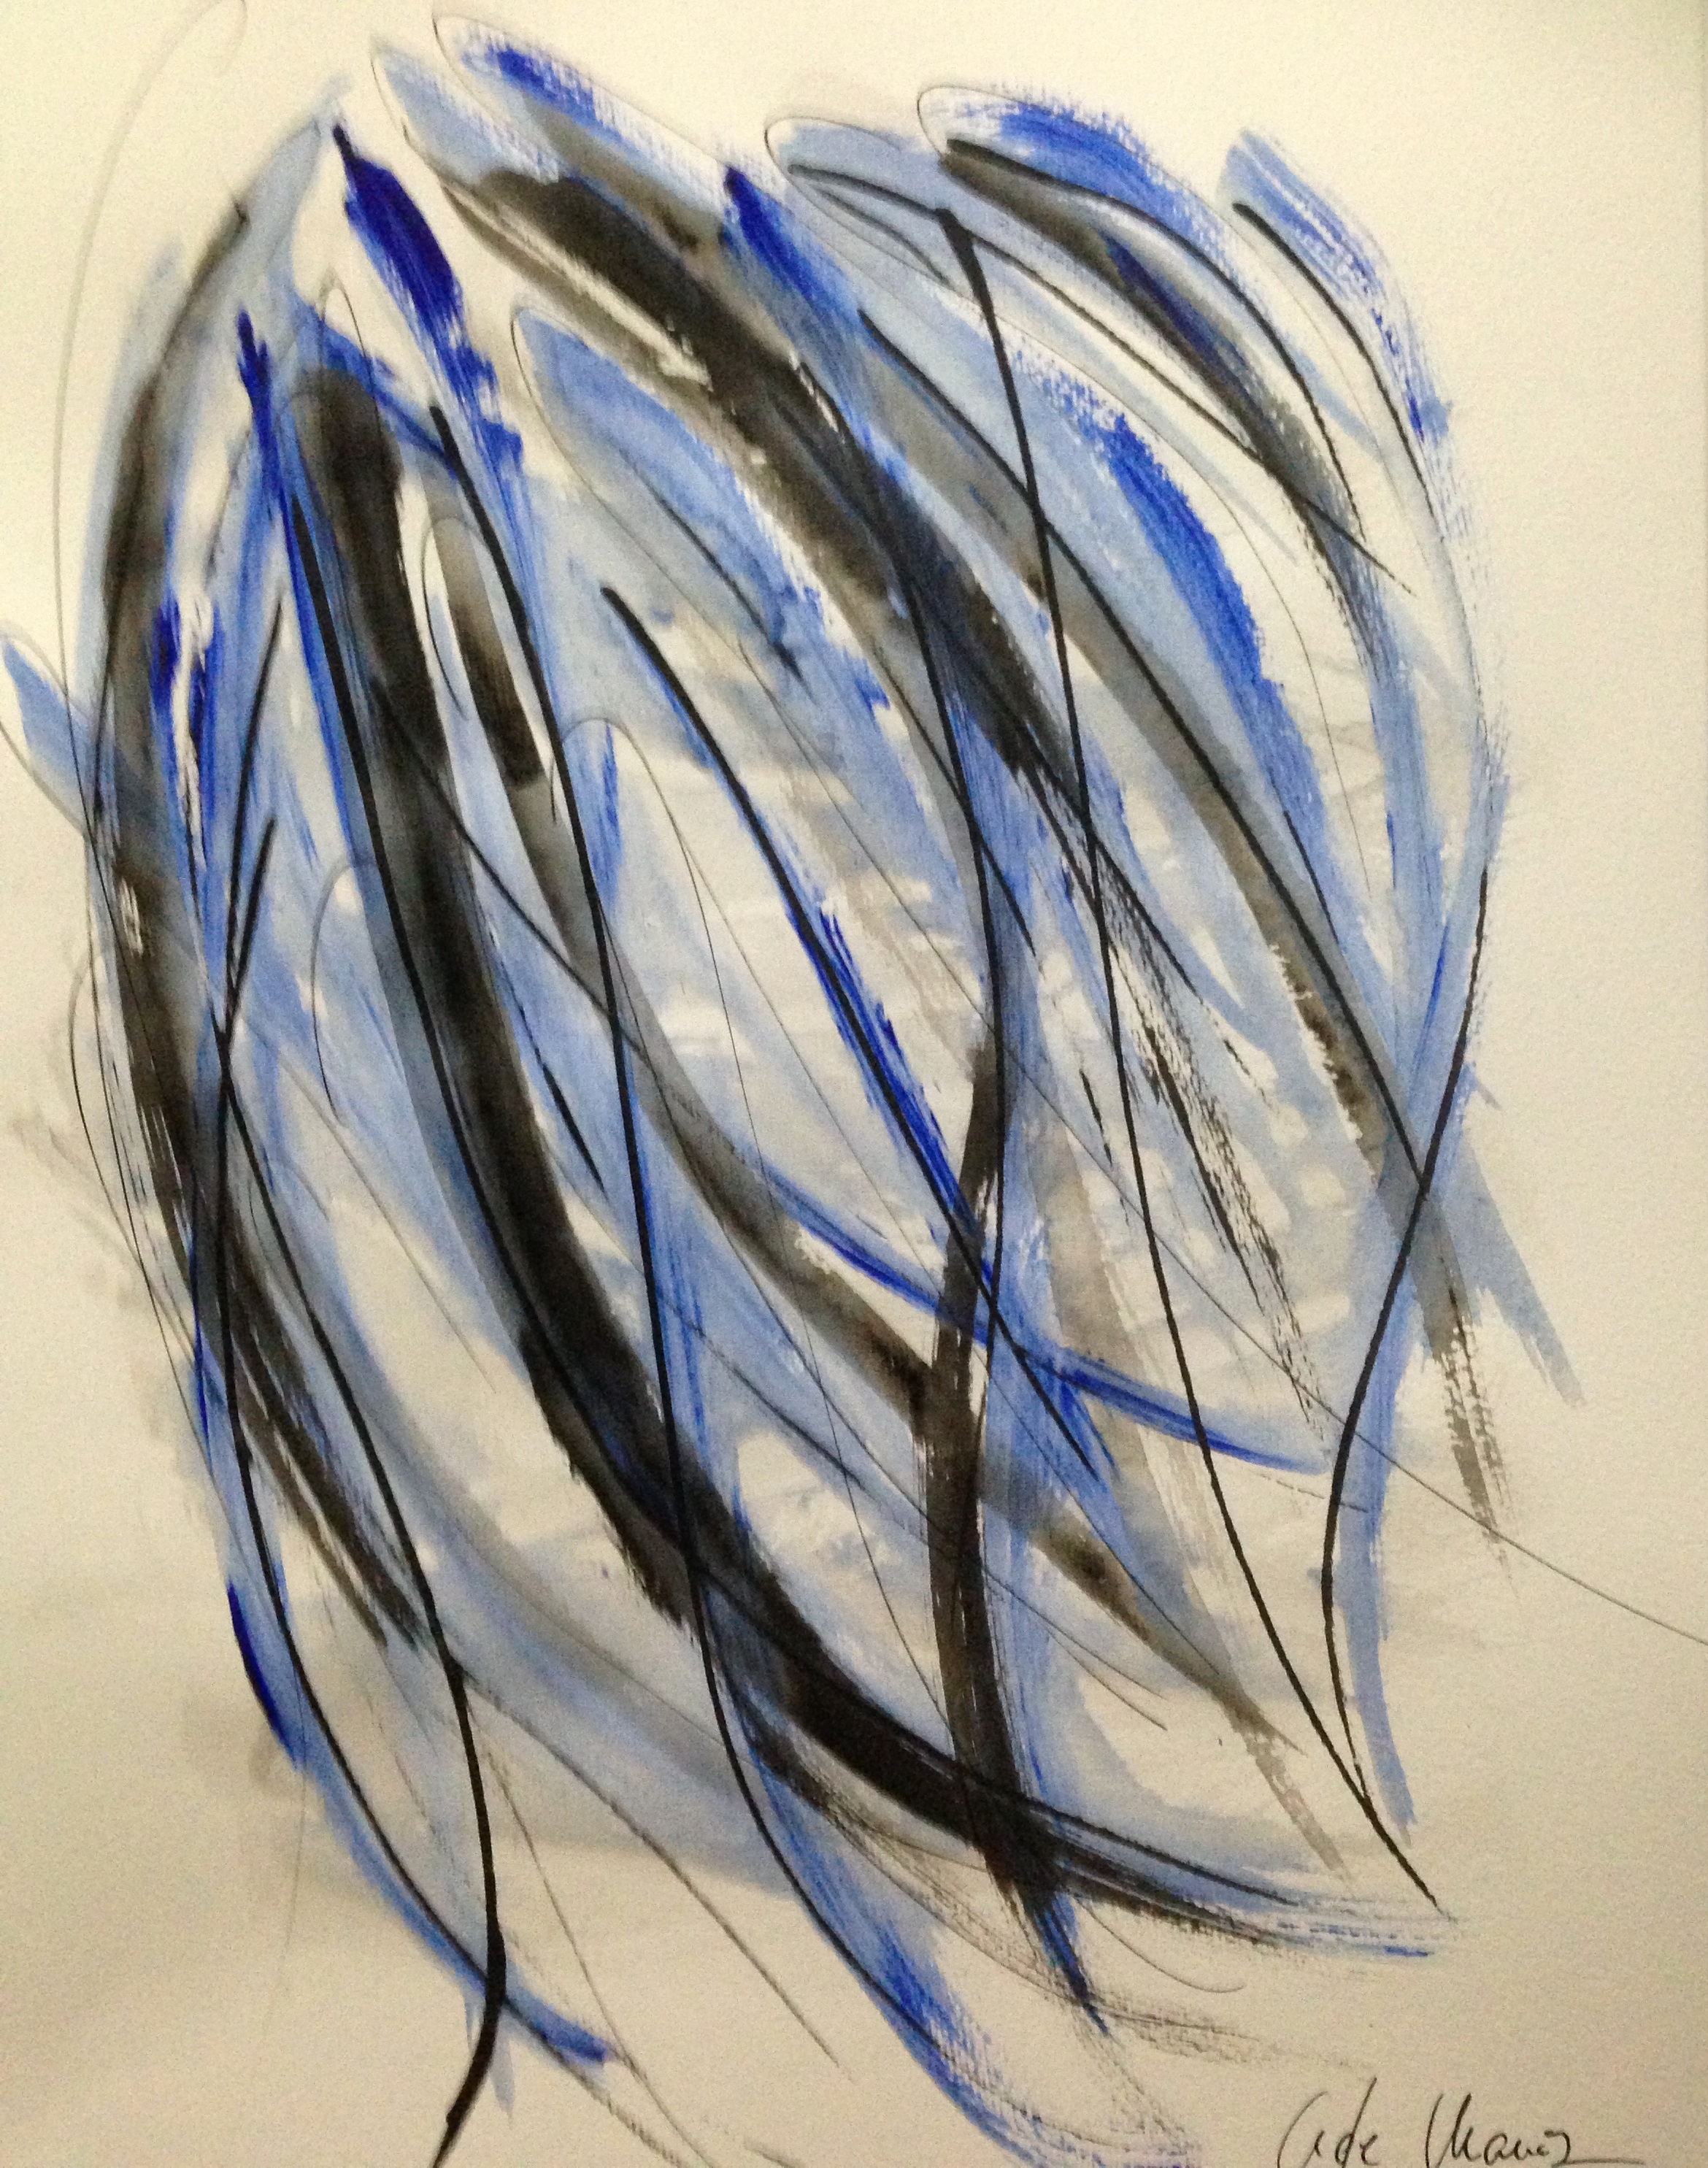 Eu-Kaliptos azul4